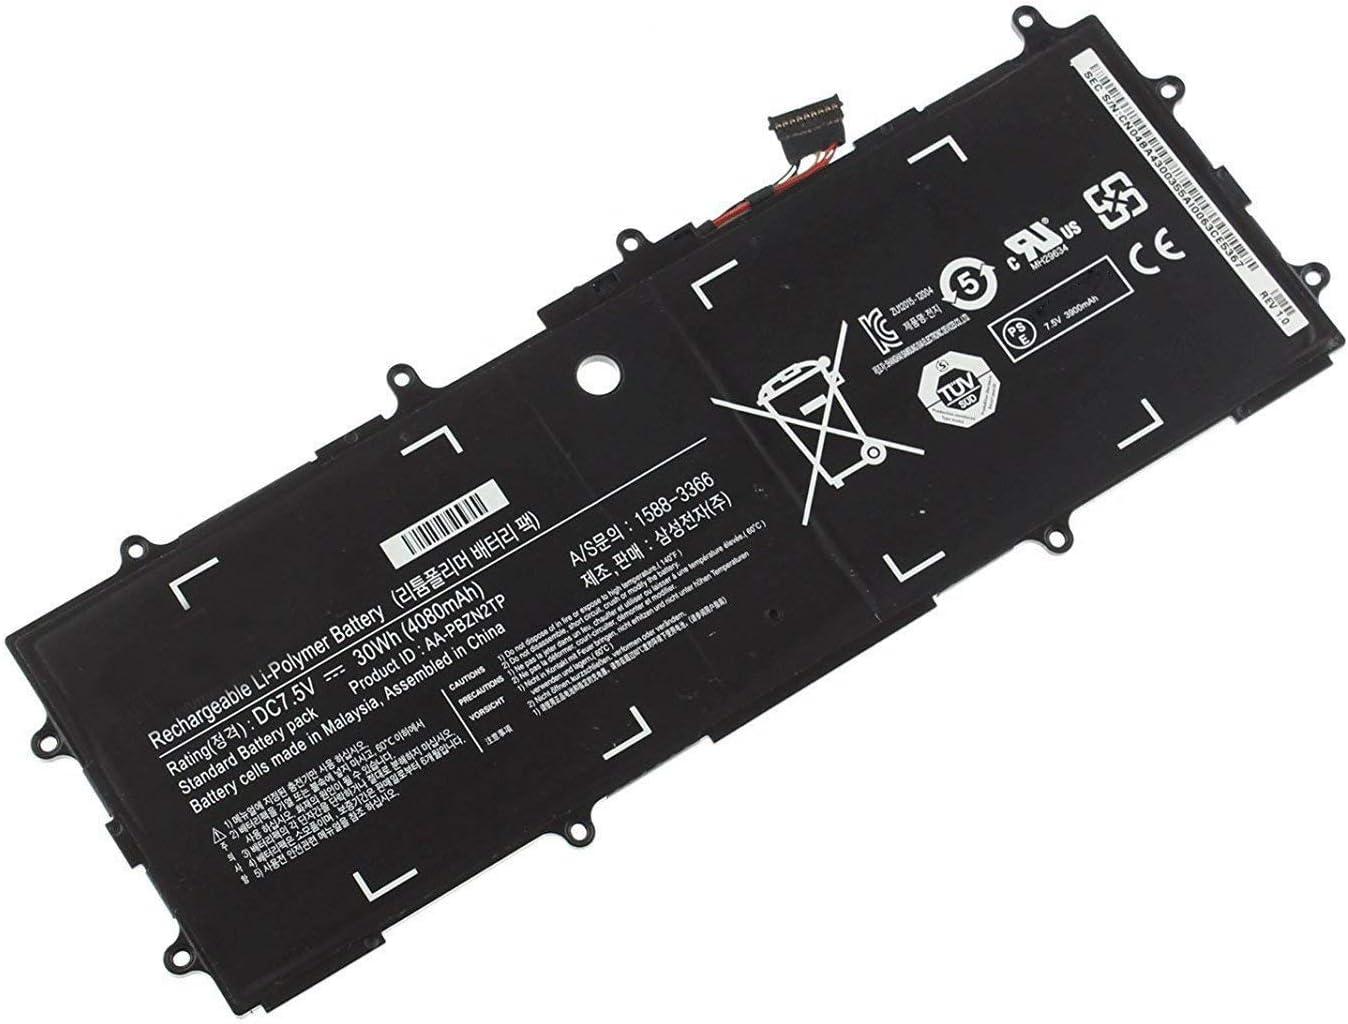 Hubei AA-PBZN2TP Batterie dordinateur Portable pour Samsung XE500T1C 905s3g XE303 XE303C12 910S3G 915S3G ATIV Book 9LITE 7.5V 30Wh